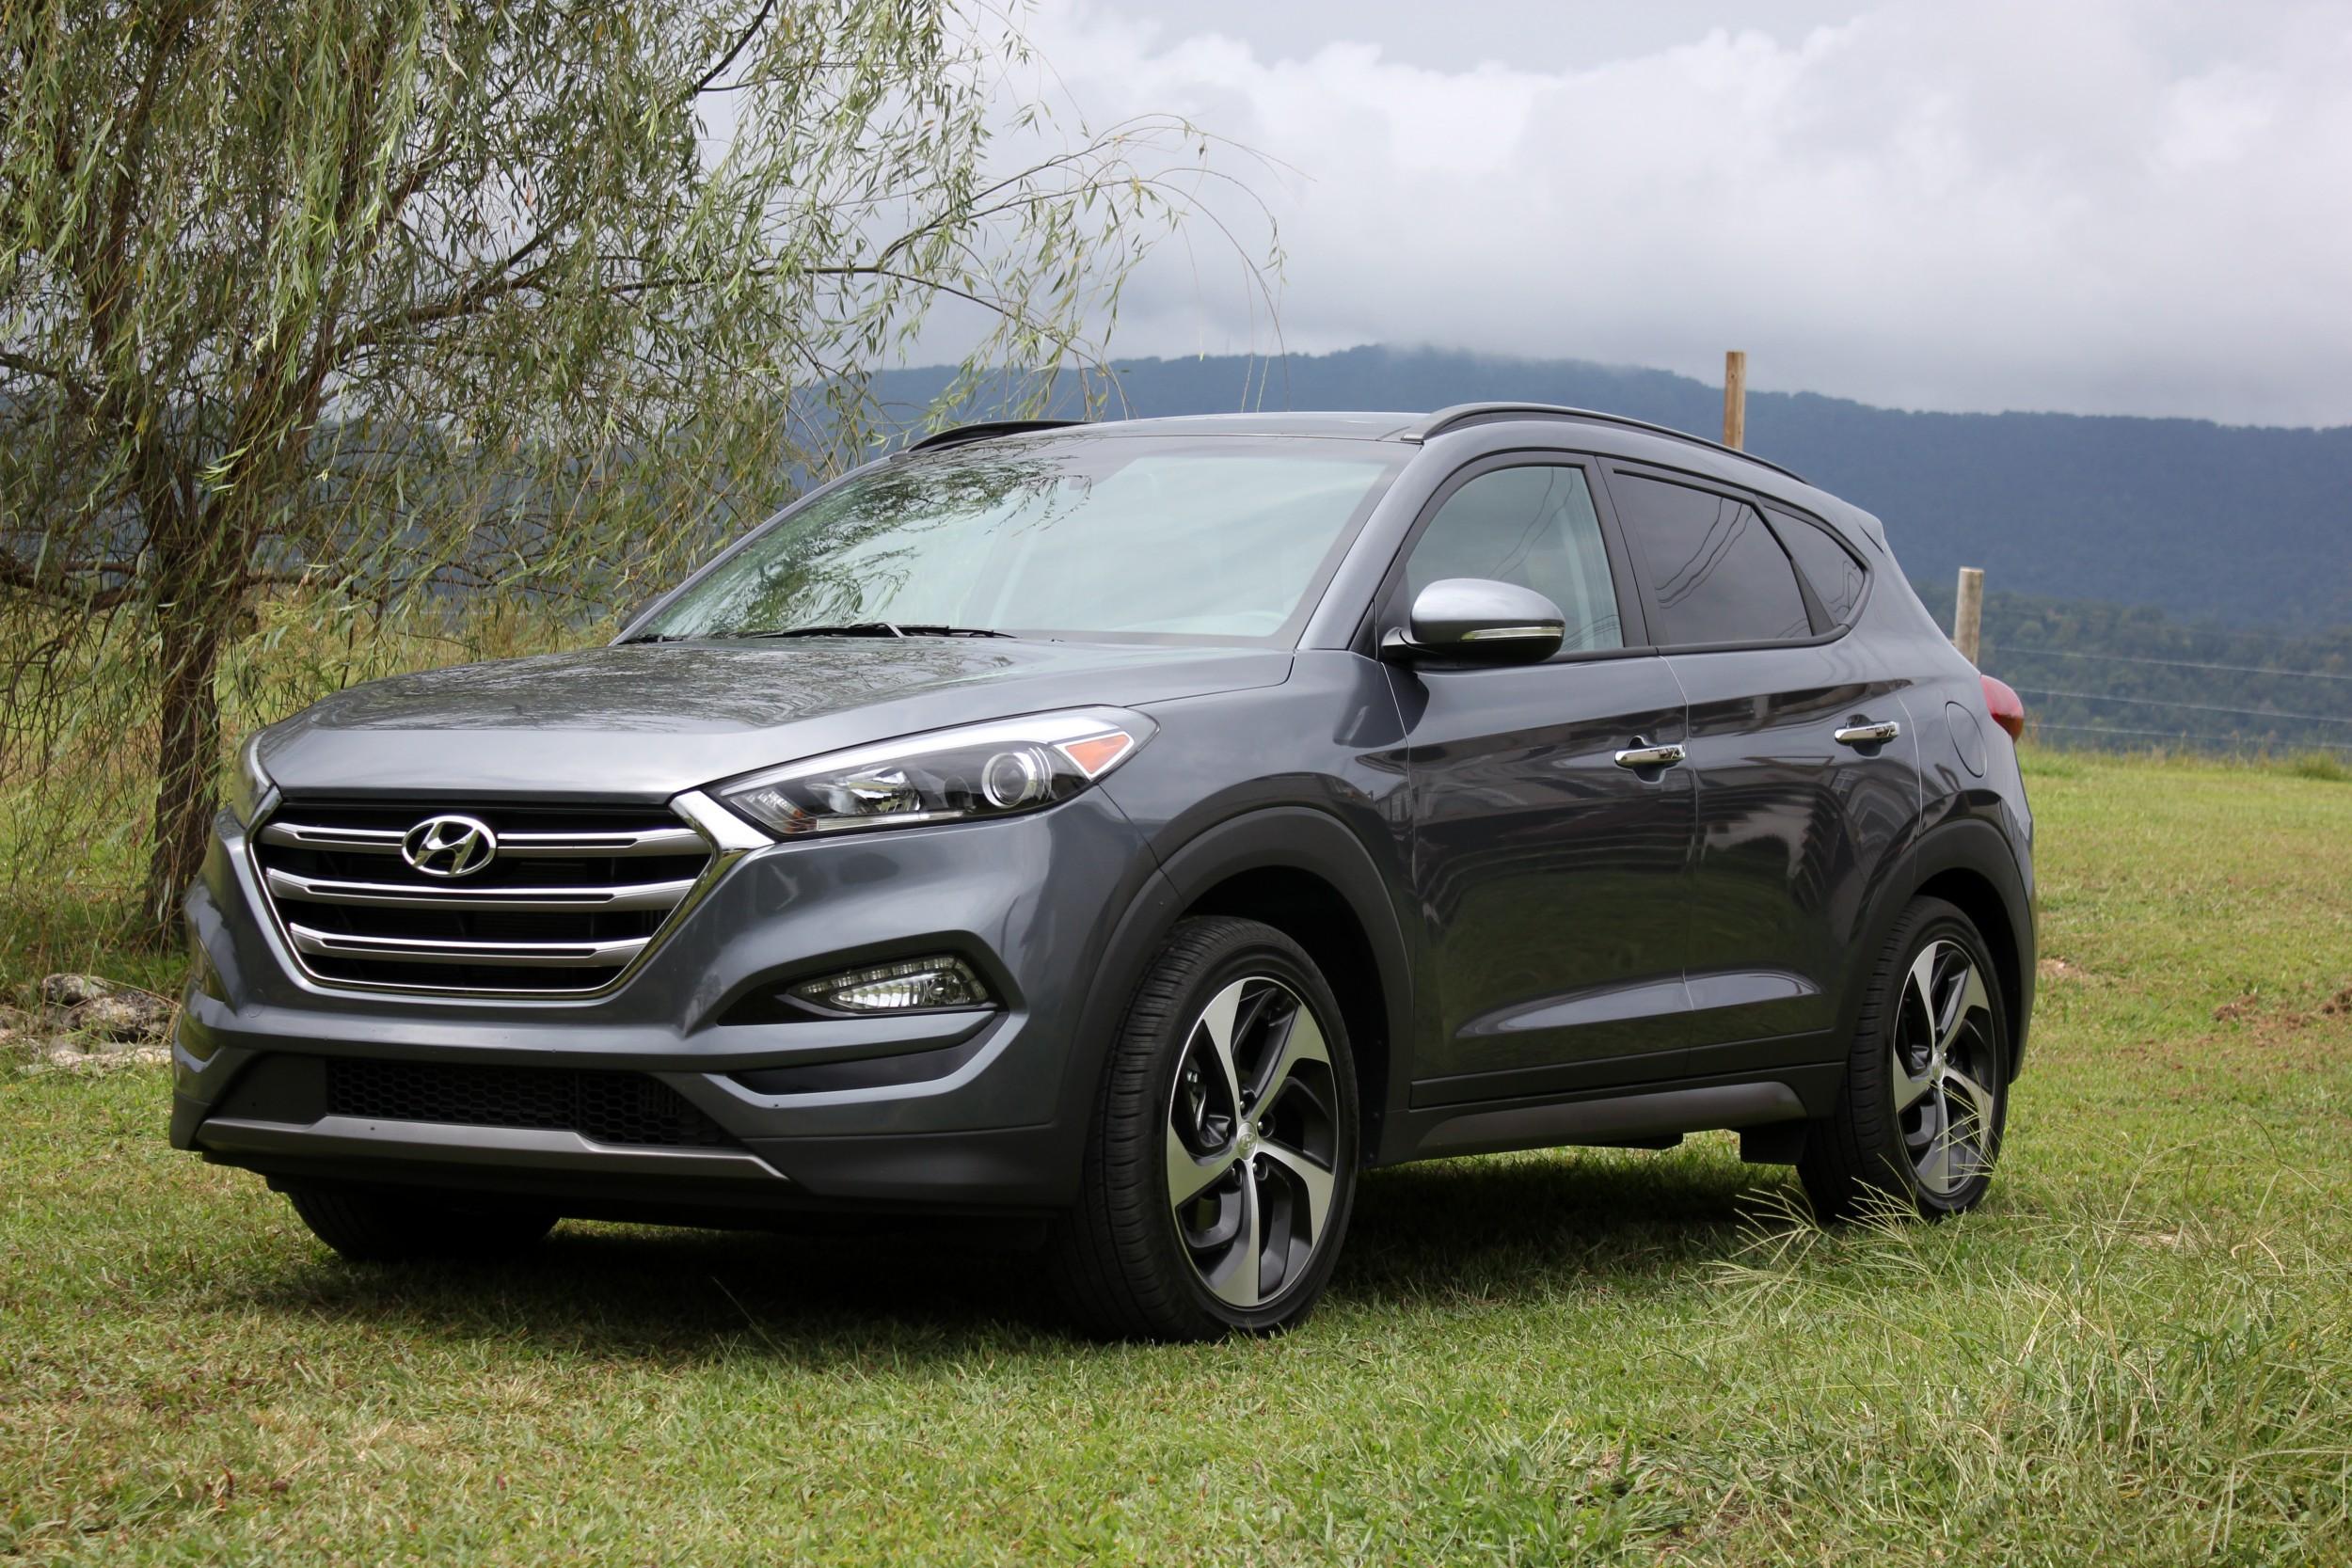 The Hyundai Tucson